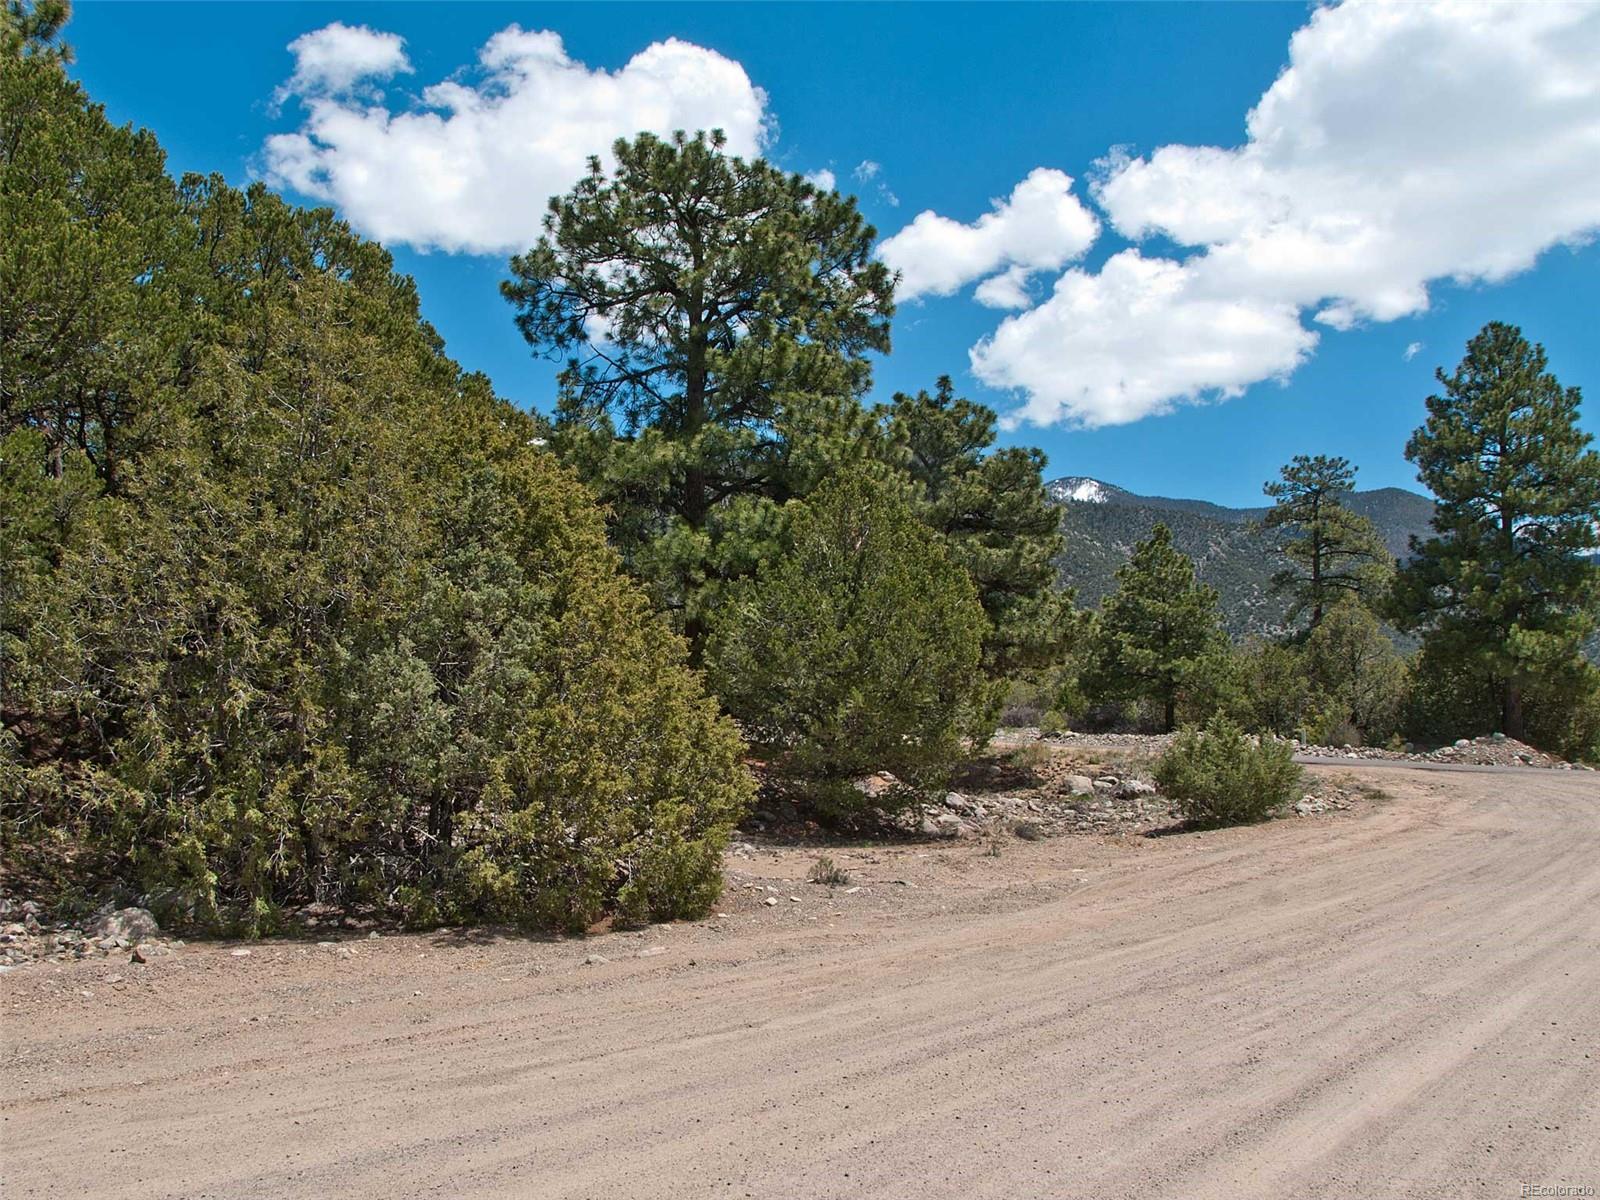 1504 Camino Real, Crestone, CO 81131 - Crestone, CO real estate listing